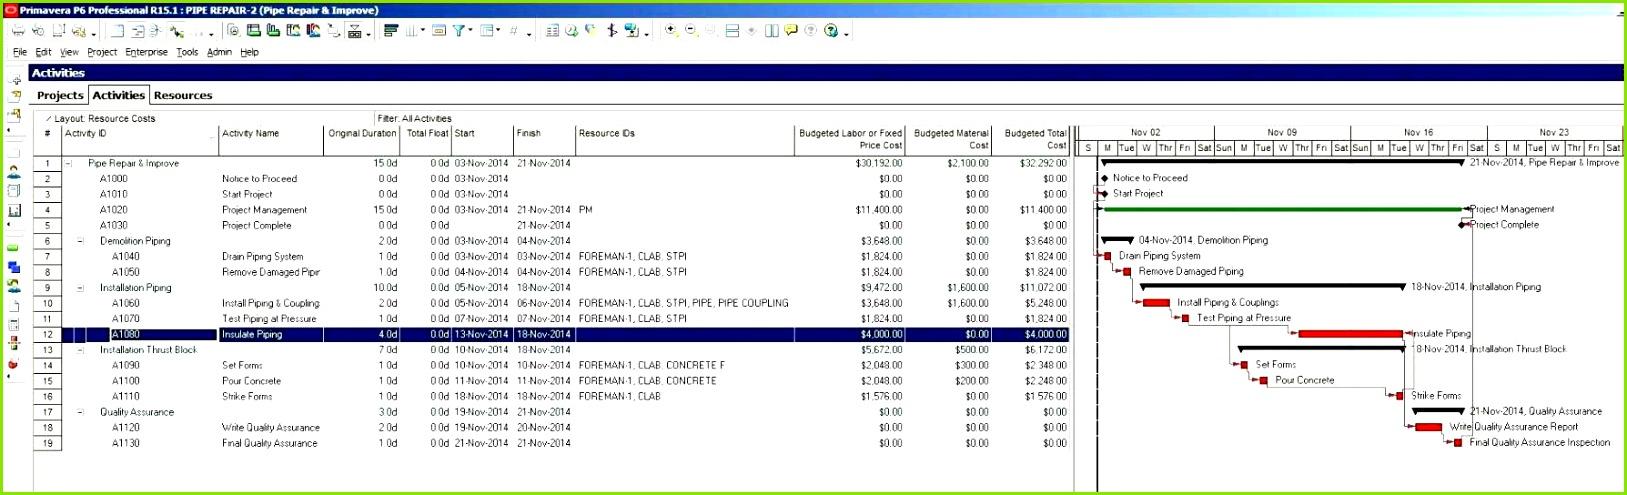 Excel Arbeitszeitnachweis Vorlagen 2017 Detaillierte Urlaubsplaner 2017 Excel Arbeitszeit Excel Vorlage Luxus Excel Editierbar Excel